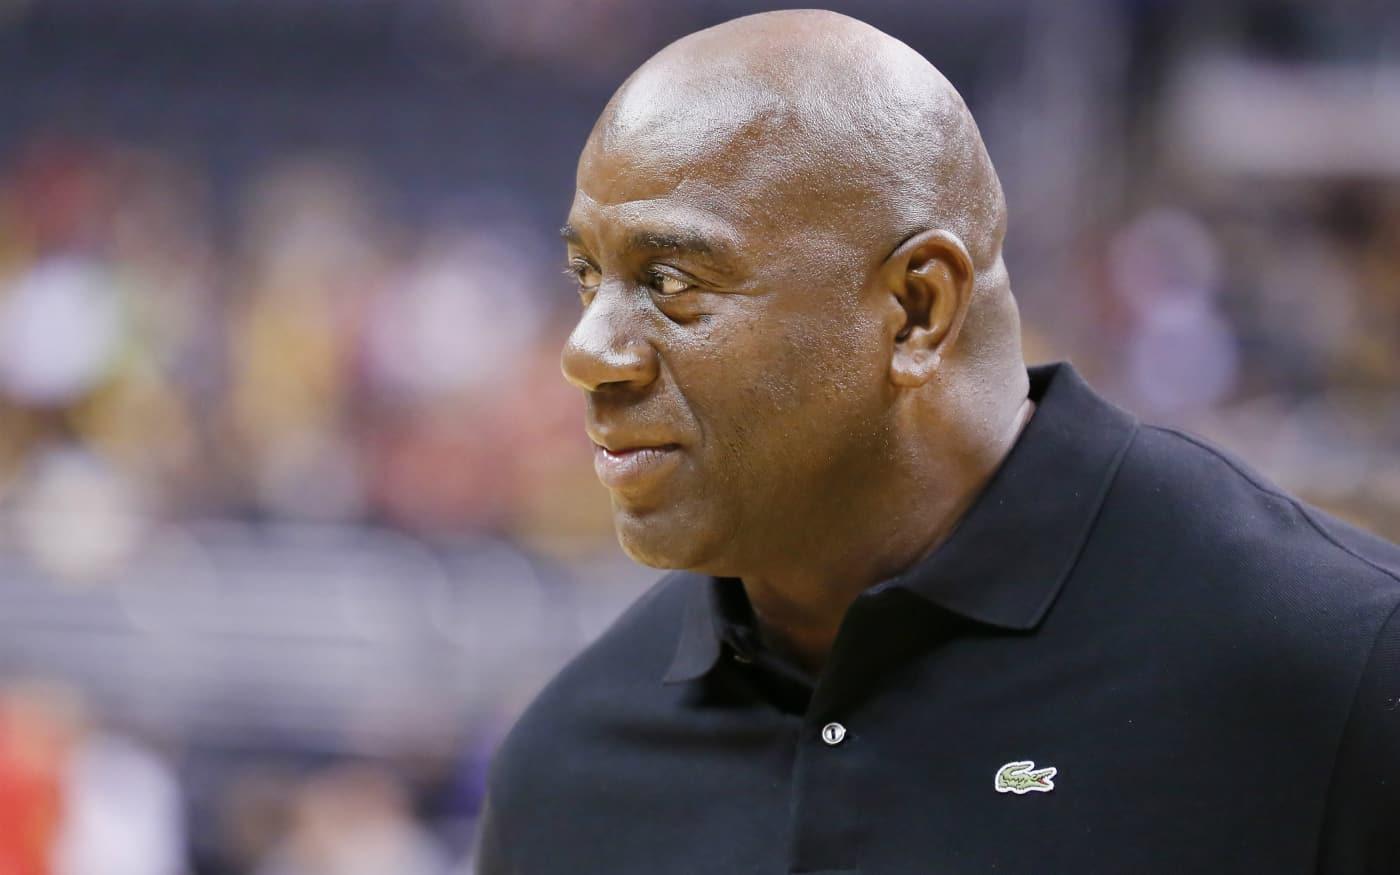 Magic Johnson désigne le futur leader des Lakers